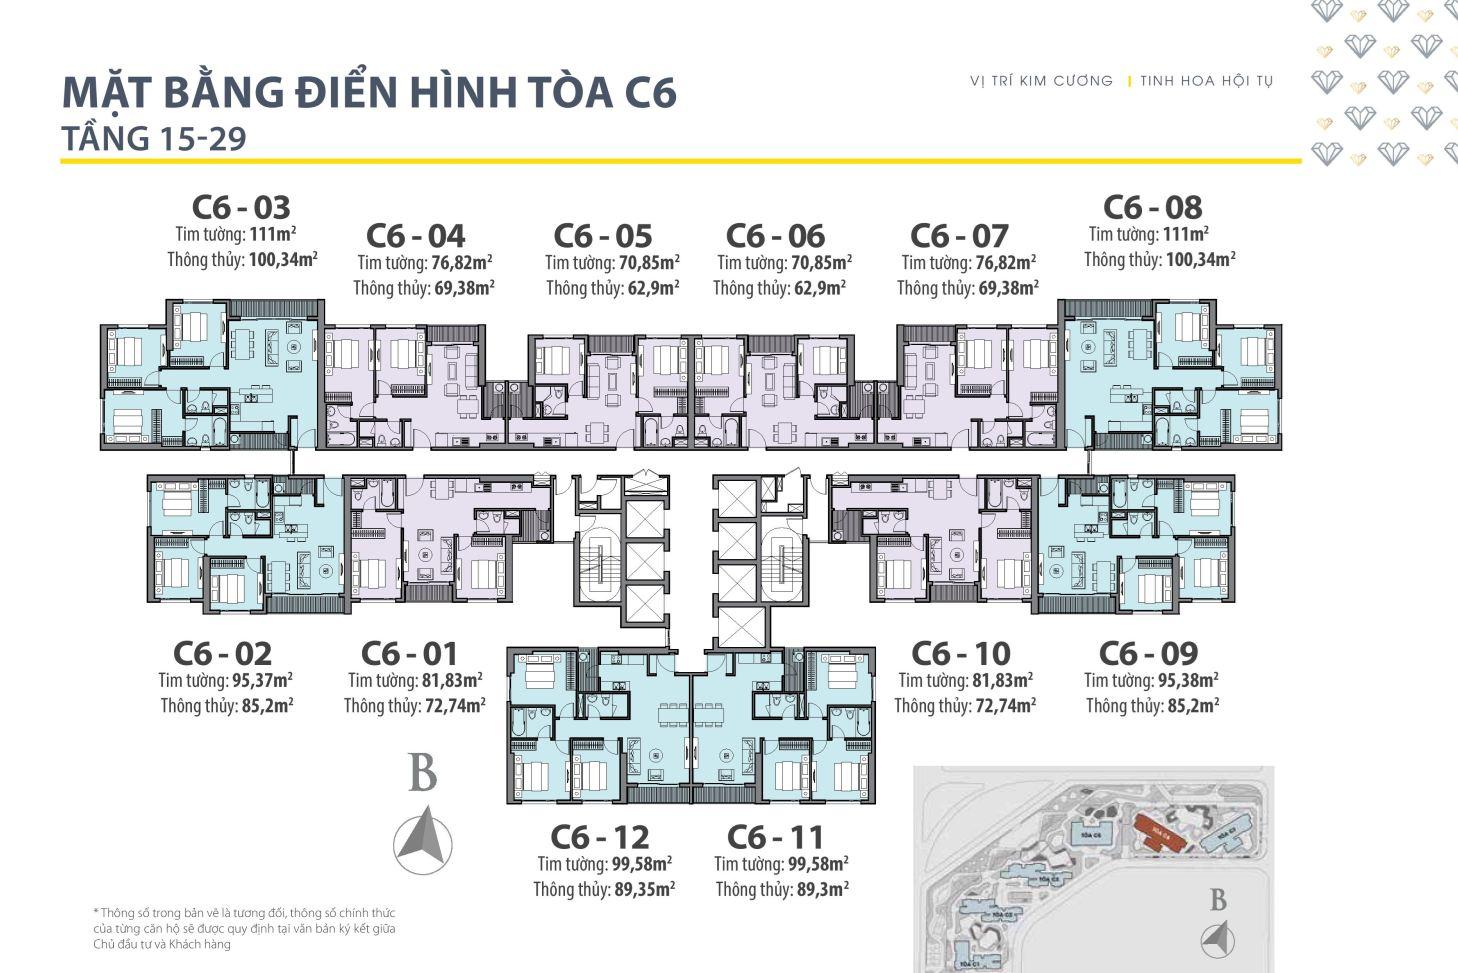 Chung cư Vinhomes D'Capitale - Mặt bằng tòa C6